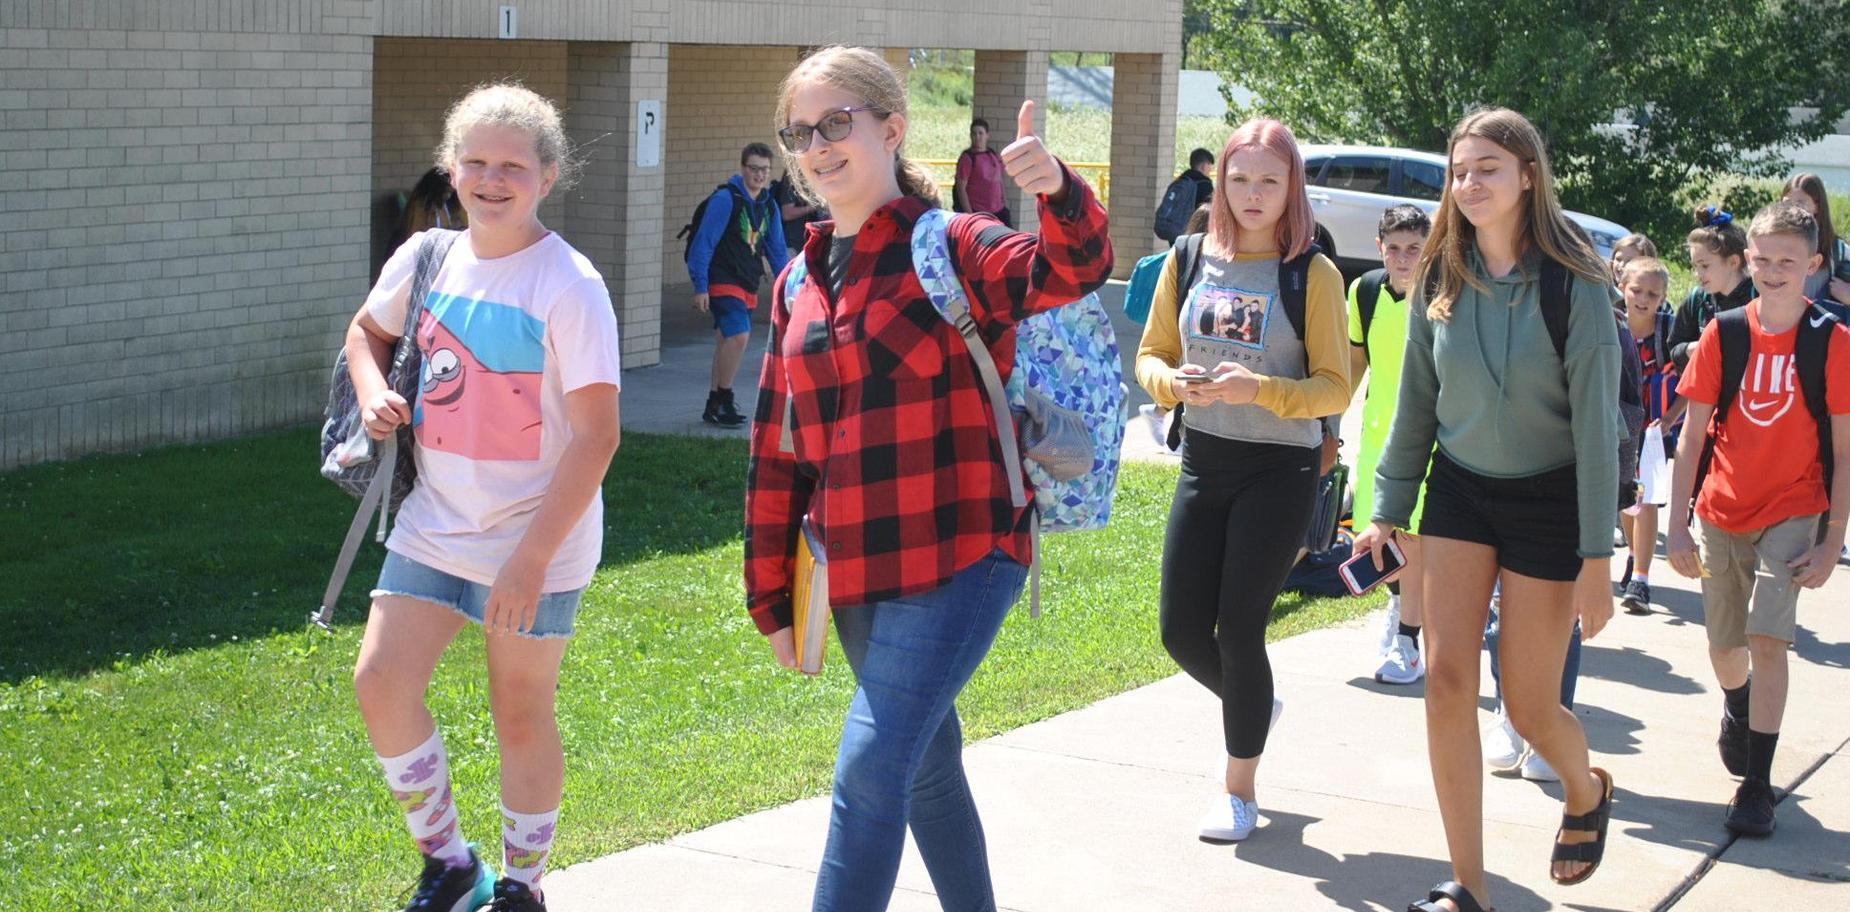 KMS Students leaving school